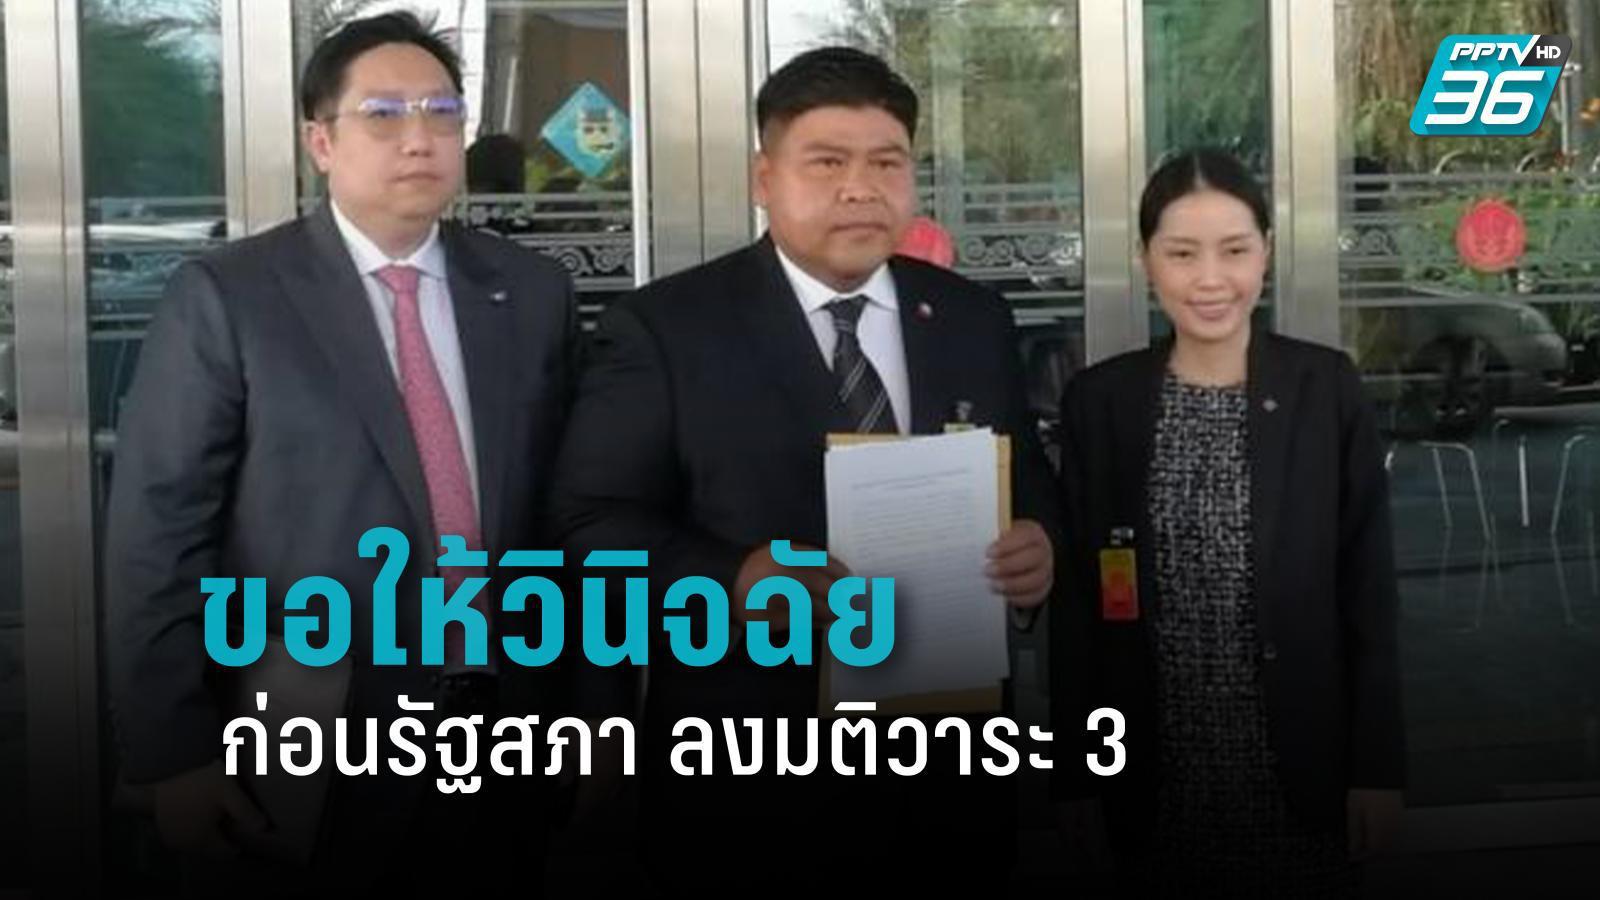 """""""กลุ่มสร้างไทย"""" ยื่น """"ศาลรัฐธรรมนูญ"""" ขอให้วินิจฉัย ปมอำนาจรัฐสภาแก้รธน. ก่อนลงมติวาระ 3"""